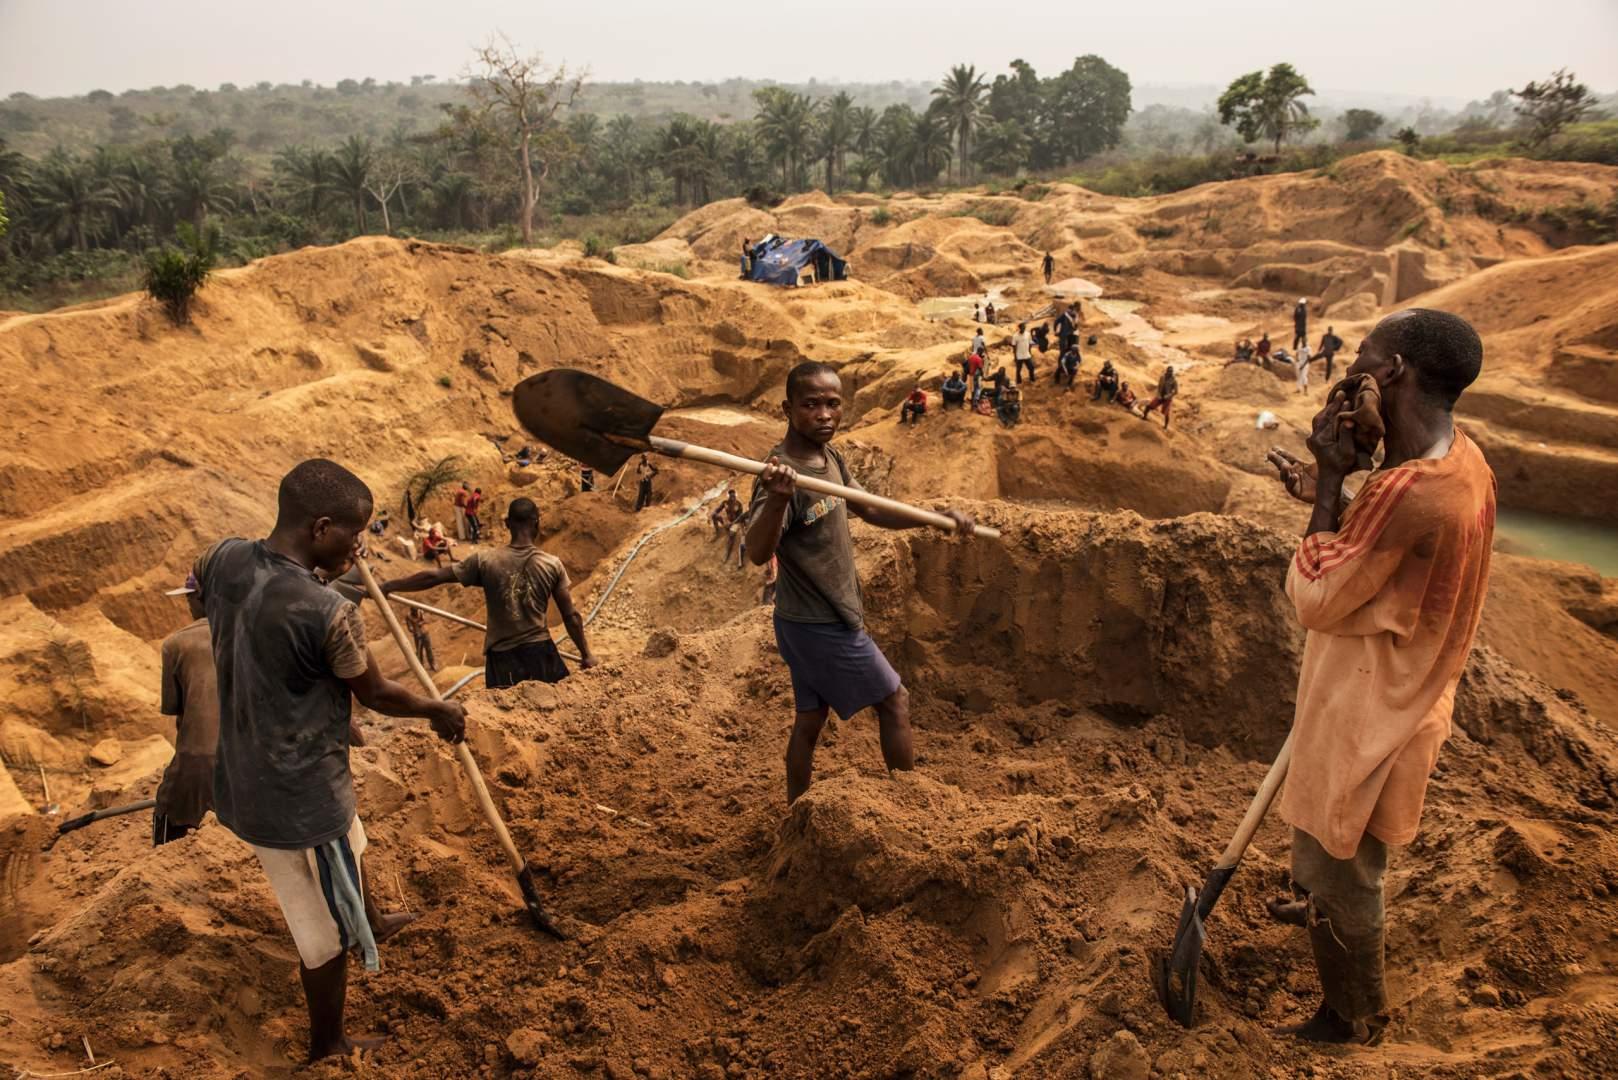 Добыча алмазов в Демокартической Республике Конго. Фото № 7